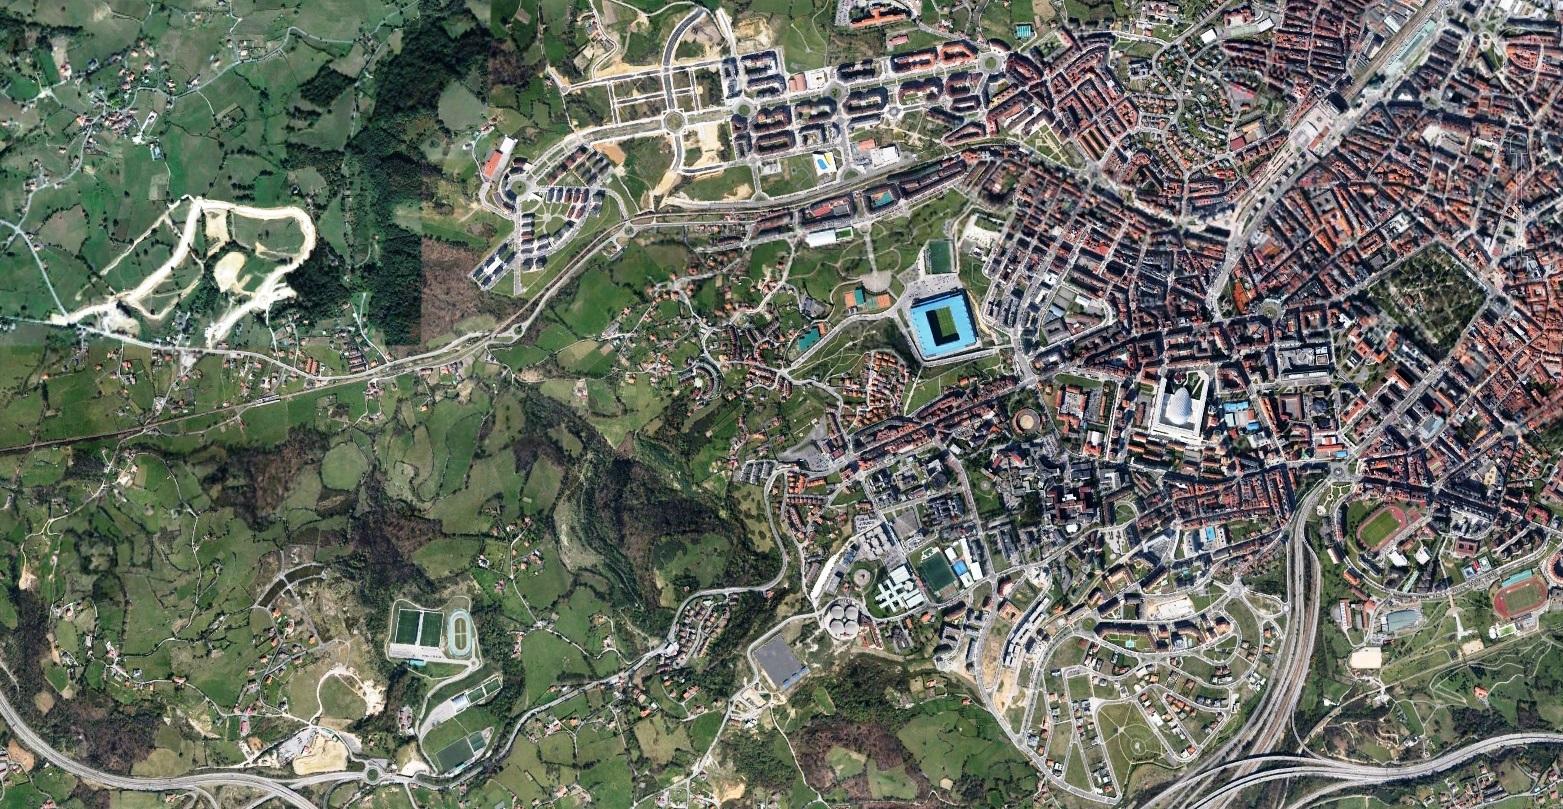 después, urbanismo, foto aérea,desastre, urbanístico, planeamiento, urbano, construcción,Oviedo, Asturias, Uvieu, Asturies, Paniceres